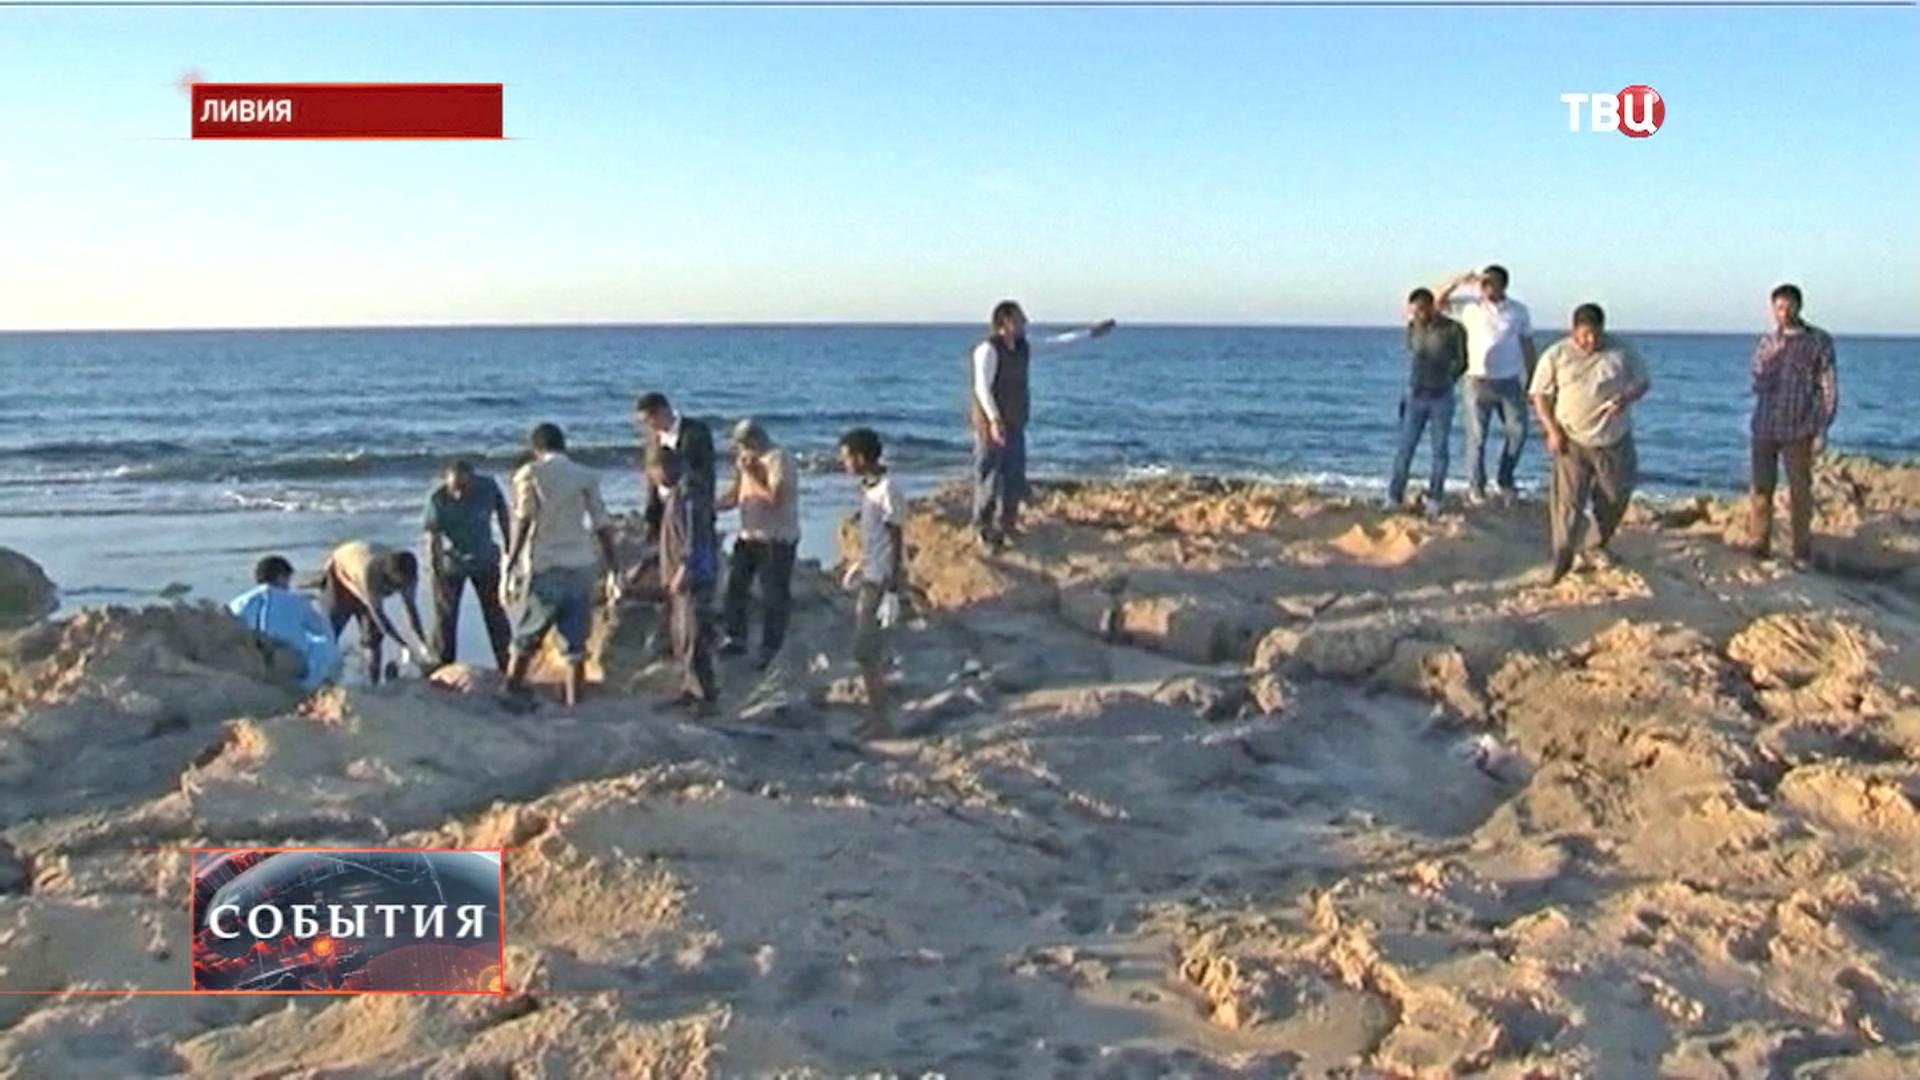 Спасательная операция в Ливии